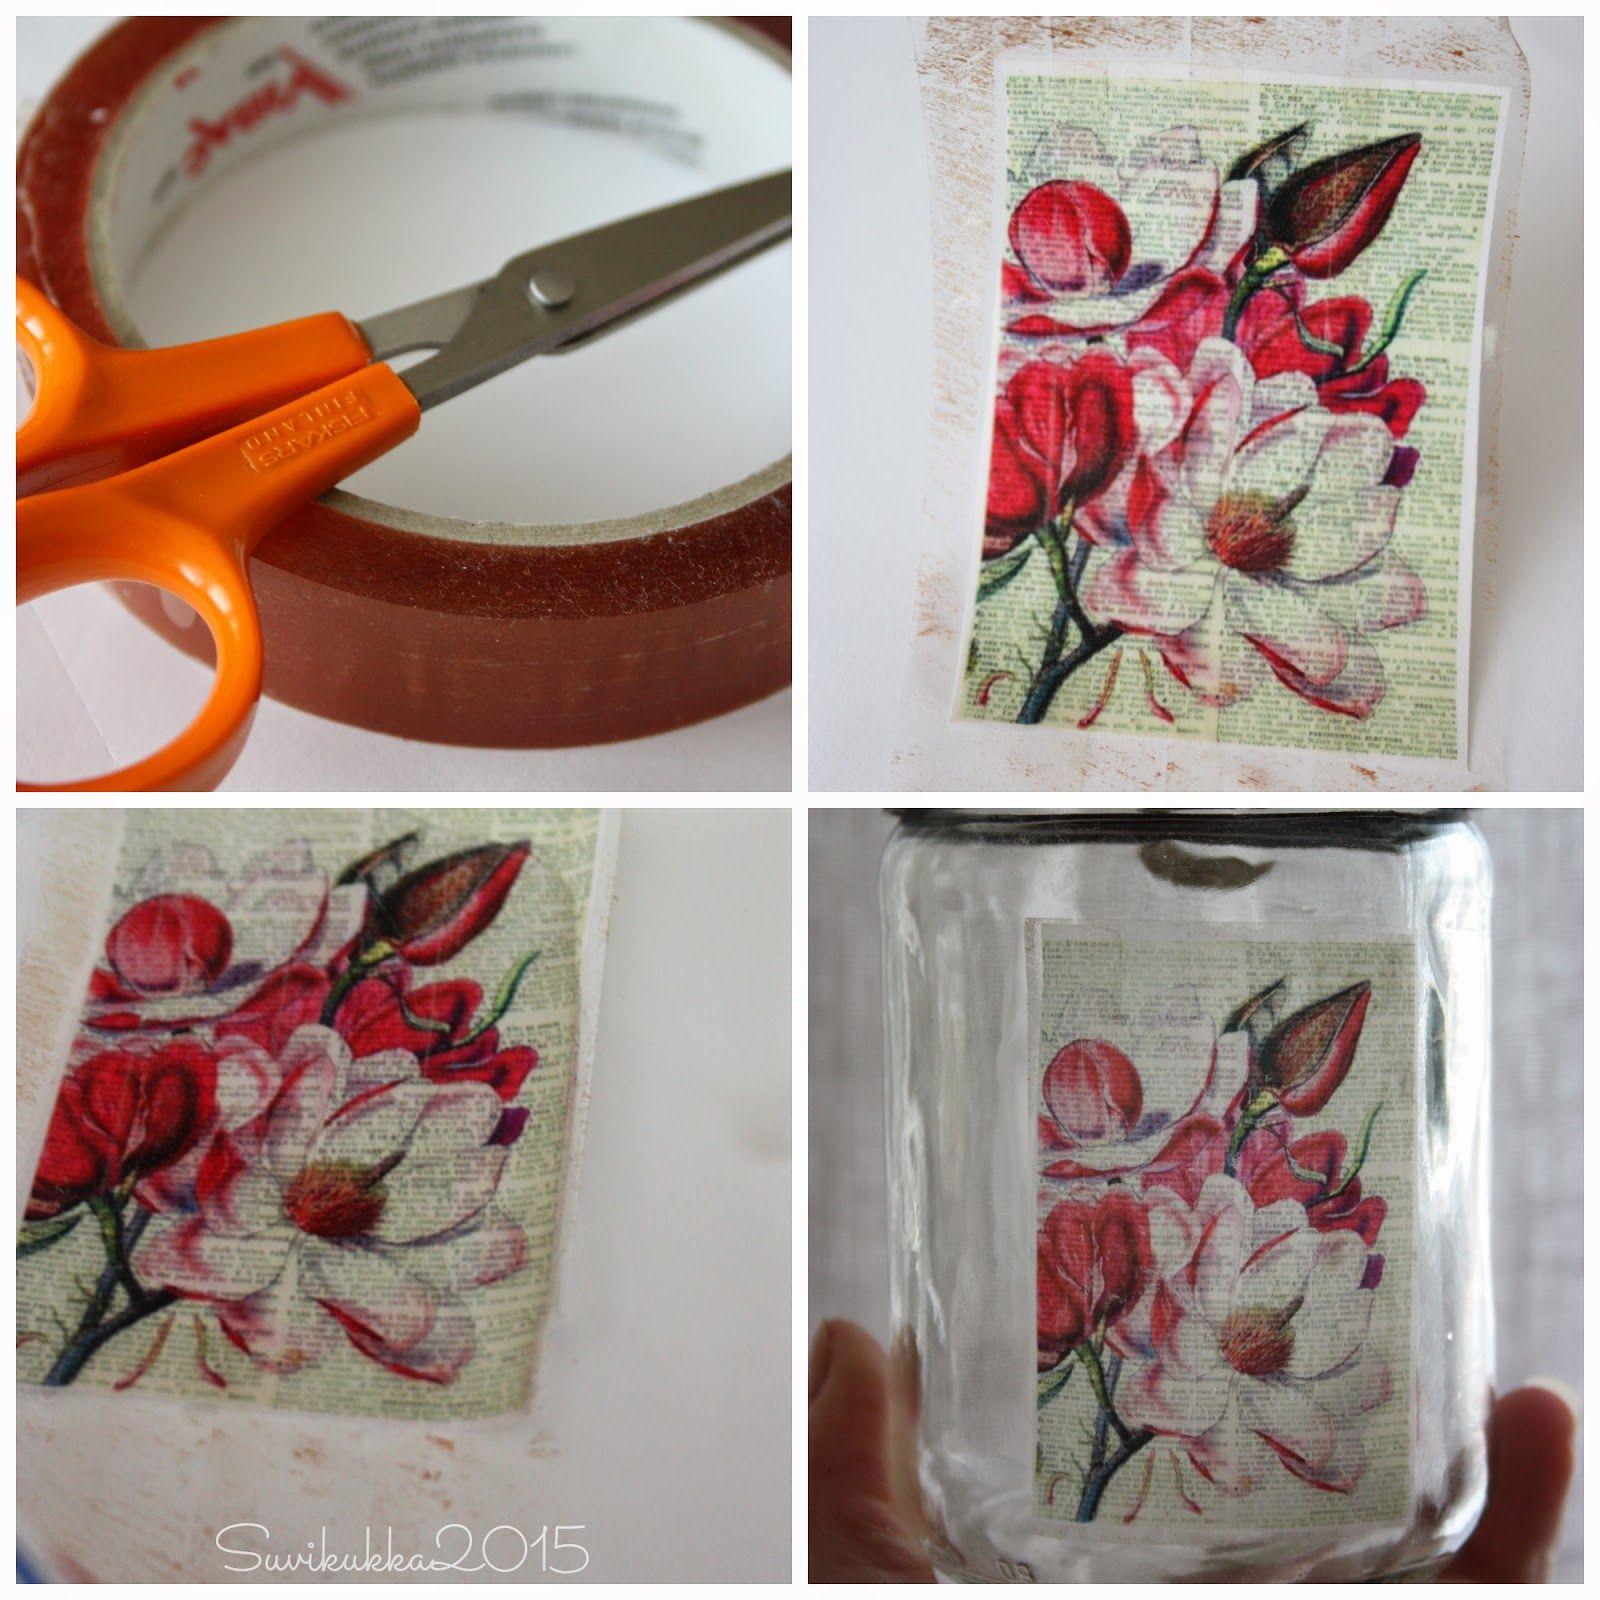 Suvikukkasia: Kuvansiirtoa pakkausteipin avulla